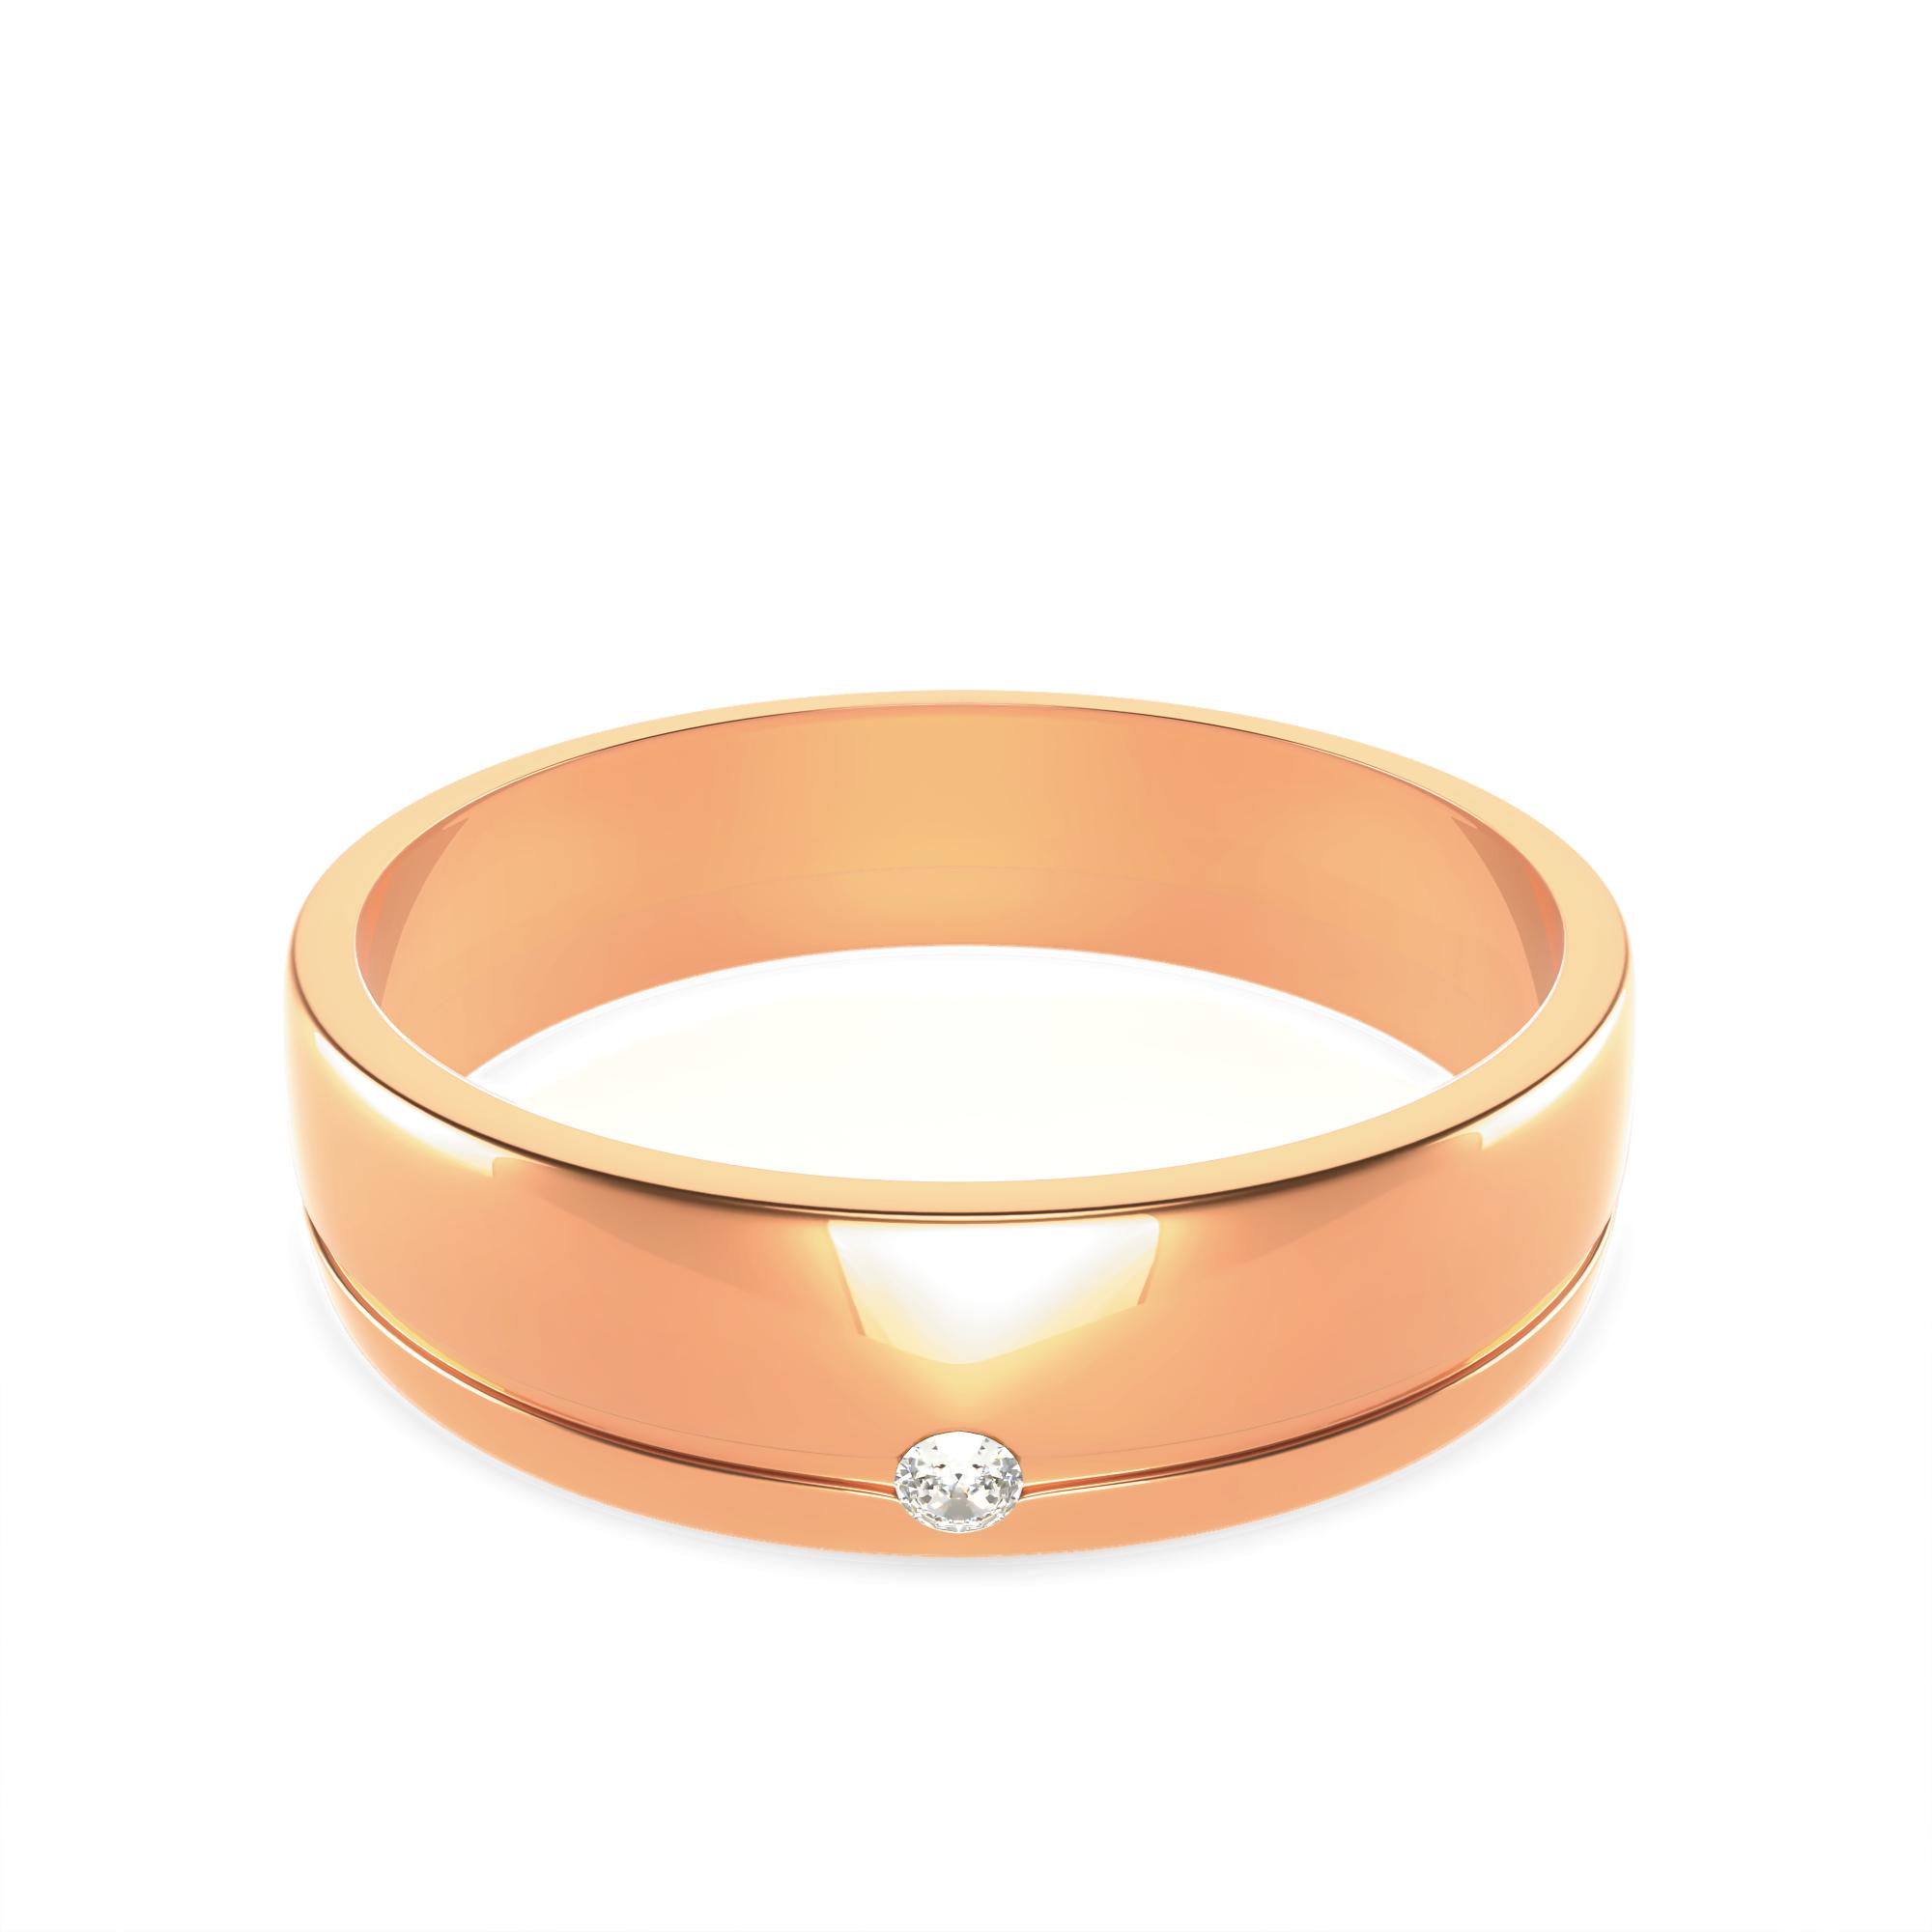 Сватбени халки с диамант на дамската халка.